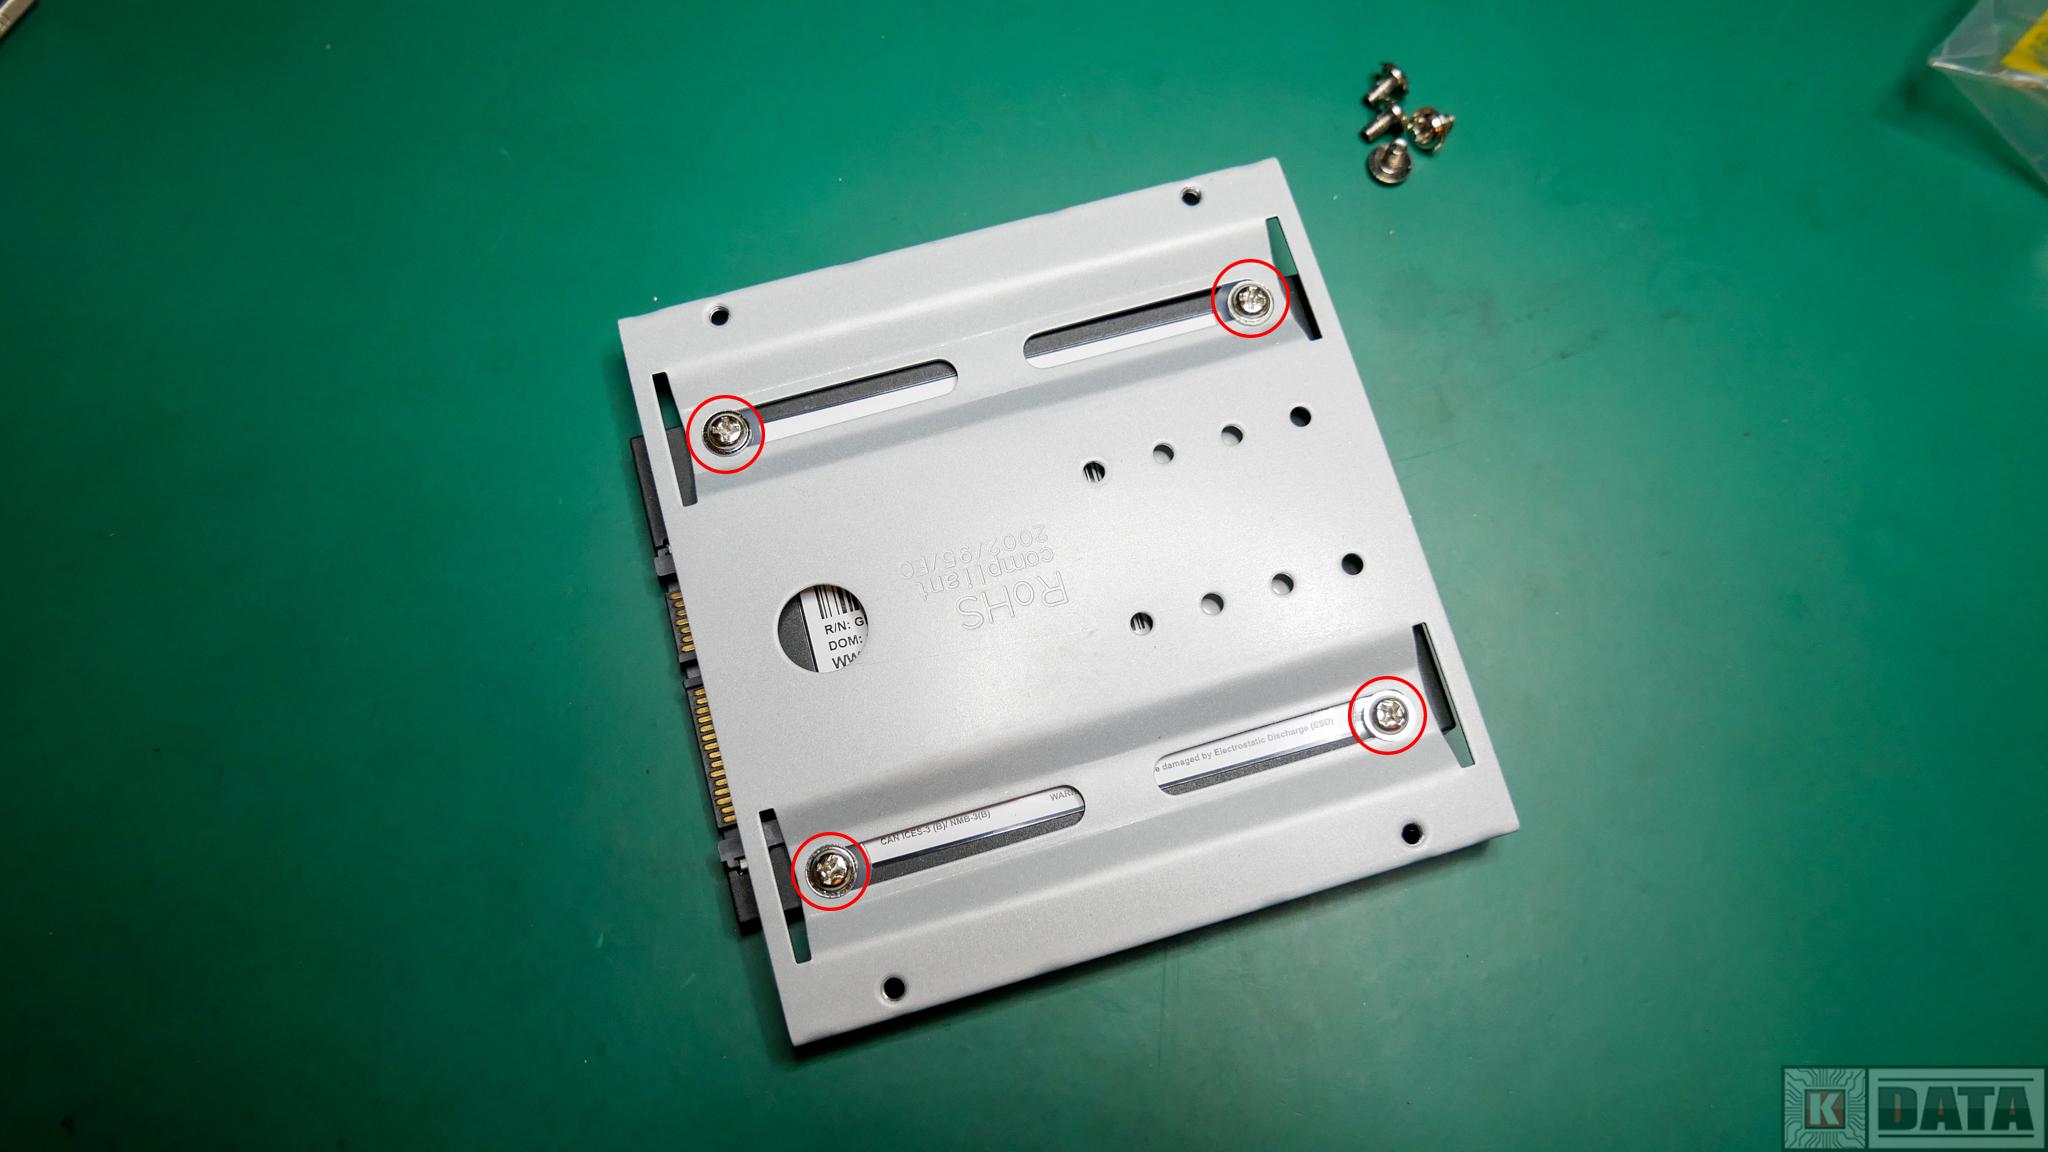 Dysk SSD WD Green zamontowany w adapterze